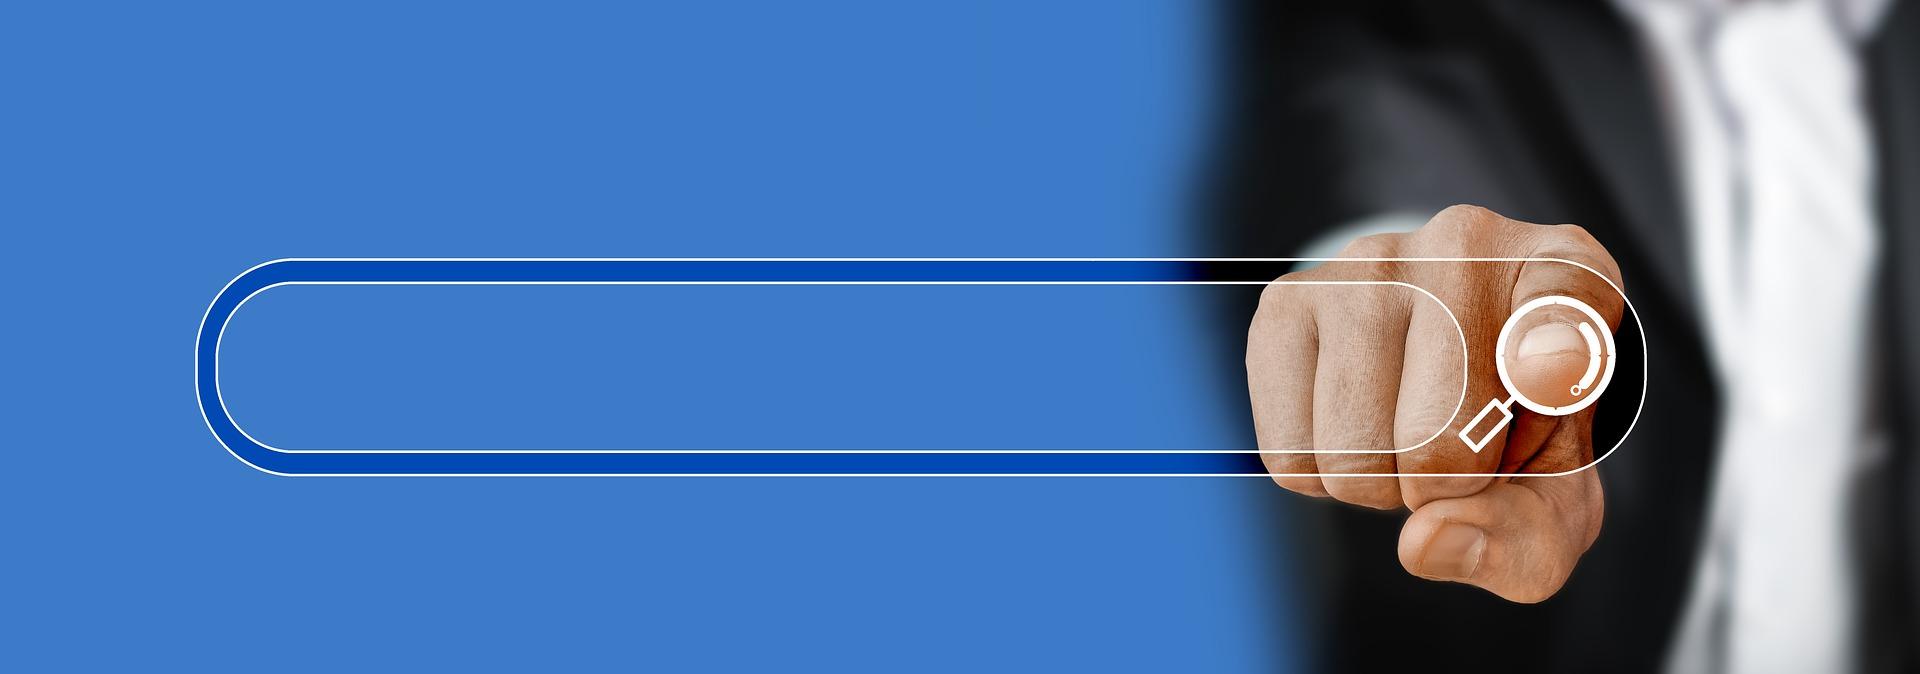 Патентный поиск: что это такое и как его правильно провести